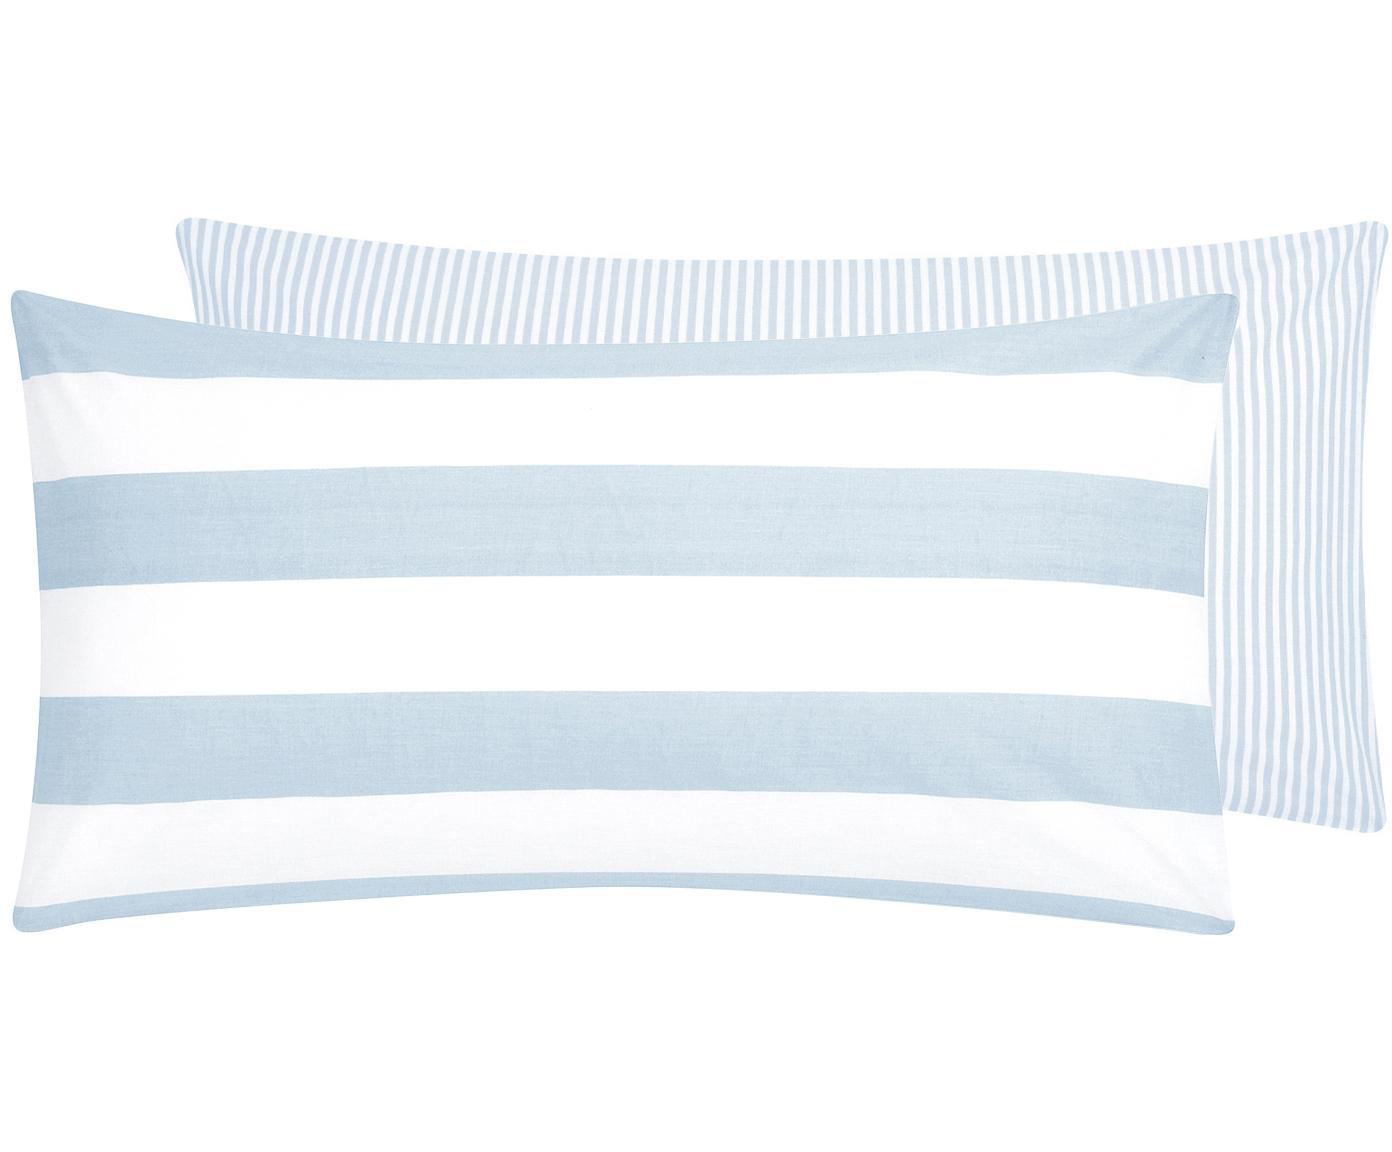 Dwustronna poszewka na poduszkę z bawełny Lorena, 2 szt., Jasny niebieski, S 40 x D 80 cm